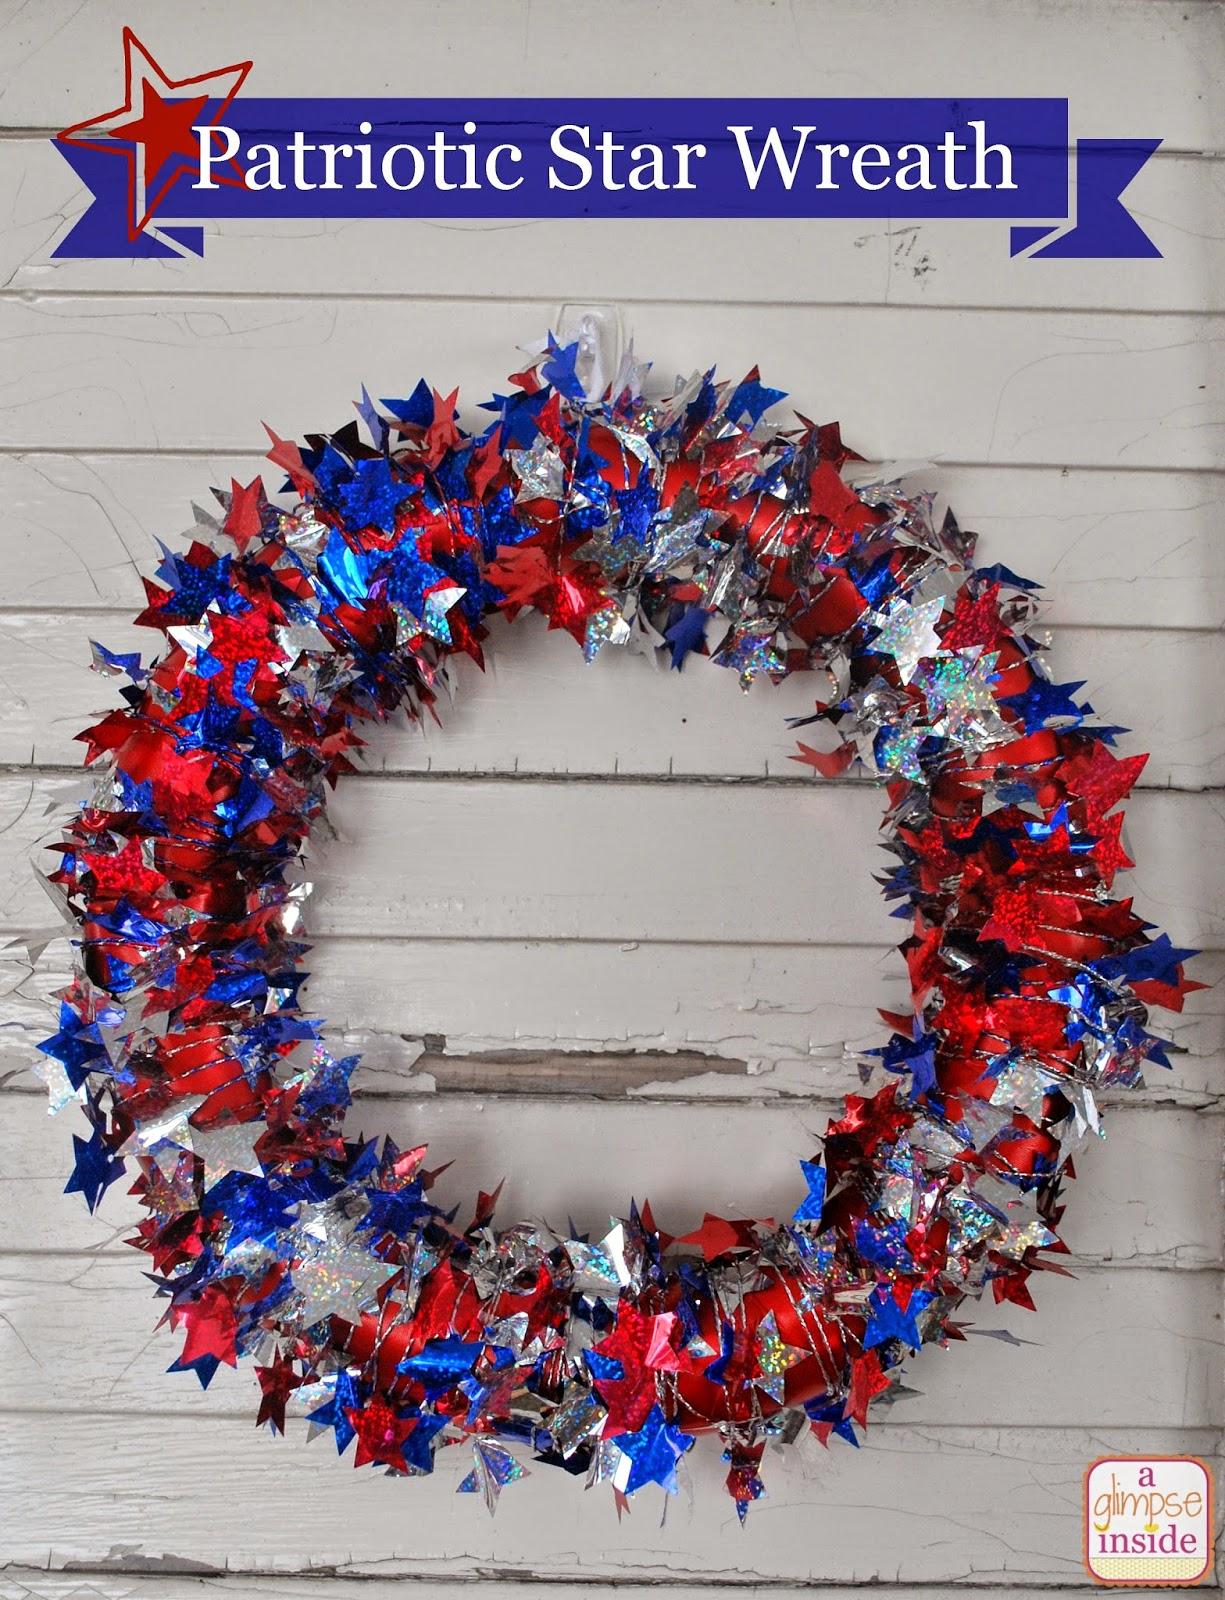 http://www.aglimpseinsideblog.com/2014/06/patriotic-star-wreath.html